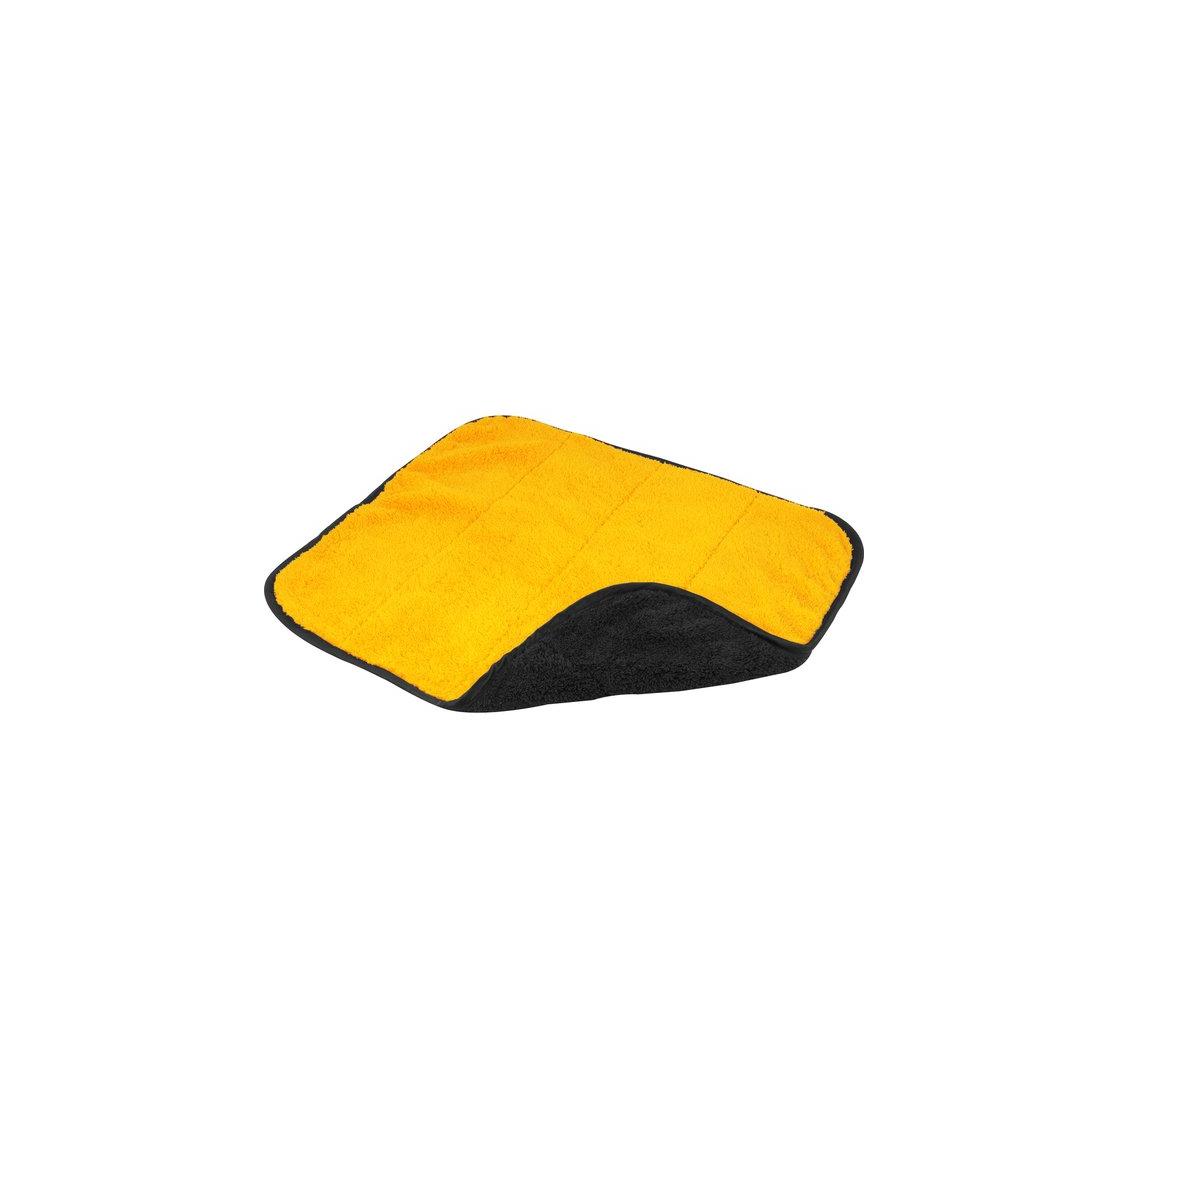 Toalha Microfibra Dupla Face 45cm x 38cm 420g/m² Supermacia VONDER